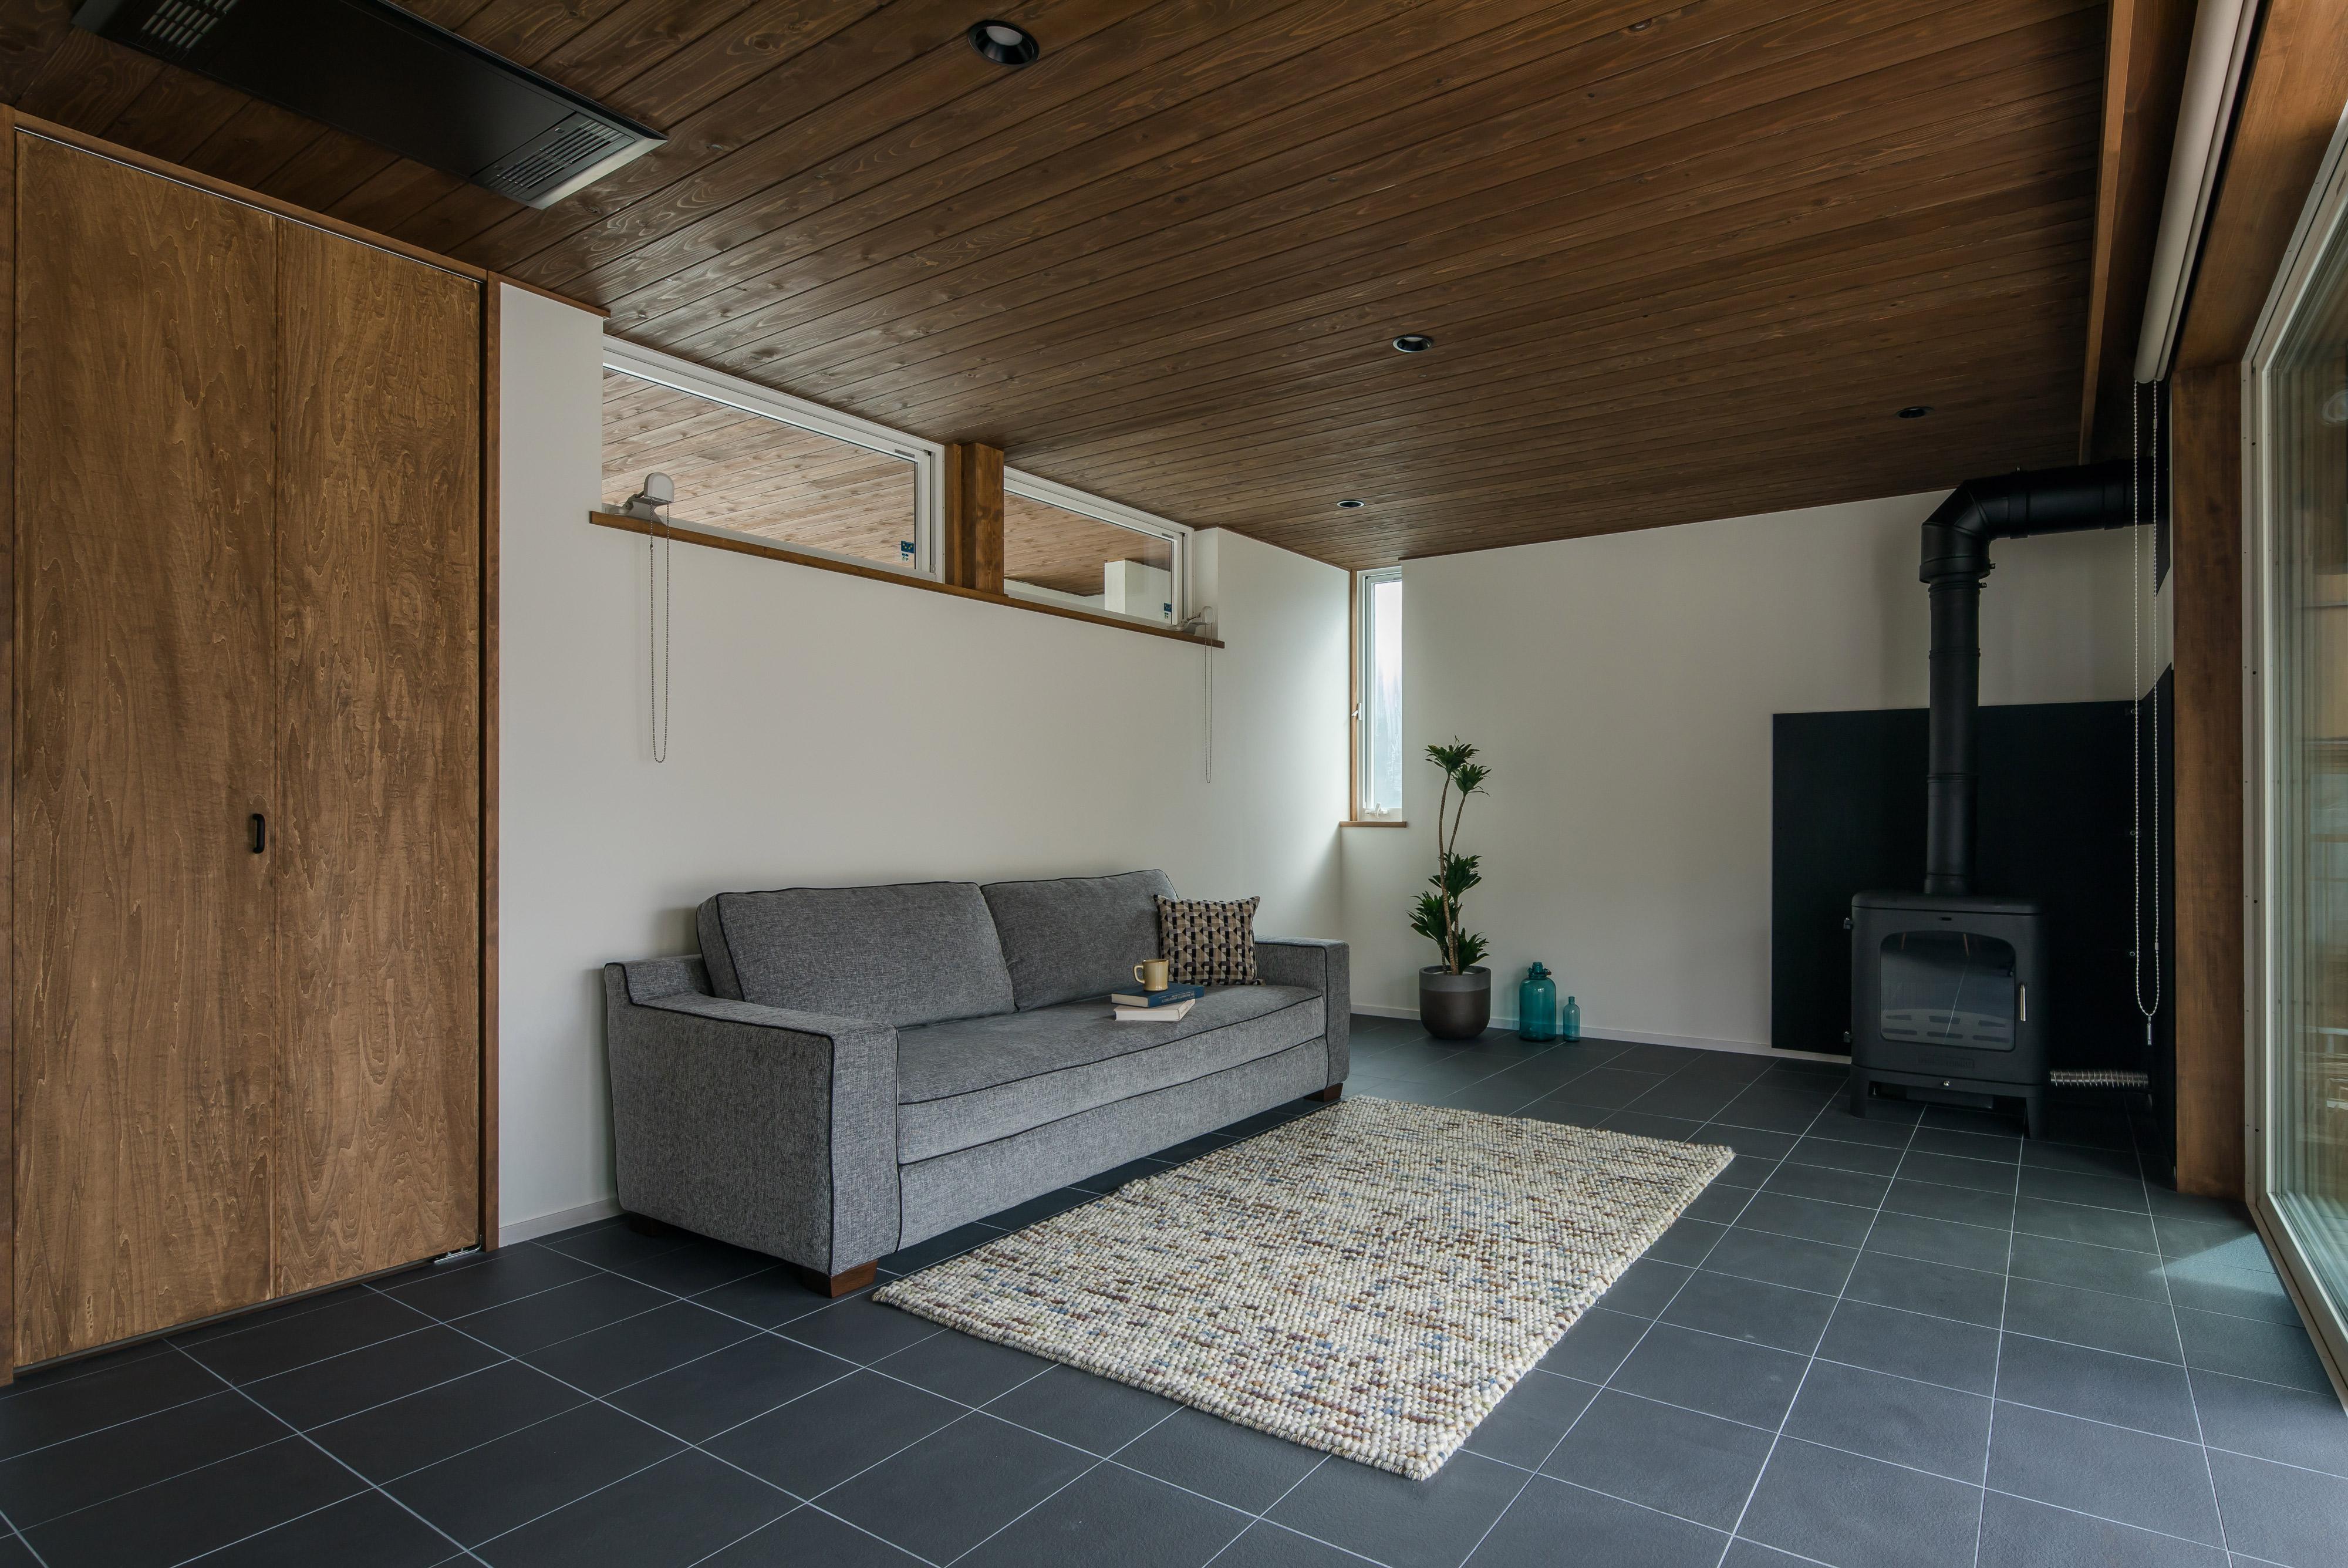 ソファベッドを置いたサロン兼ゲストルーム